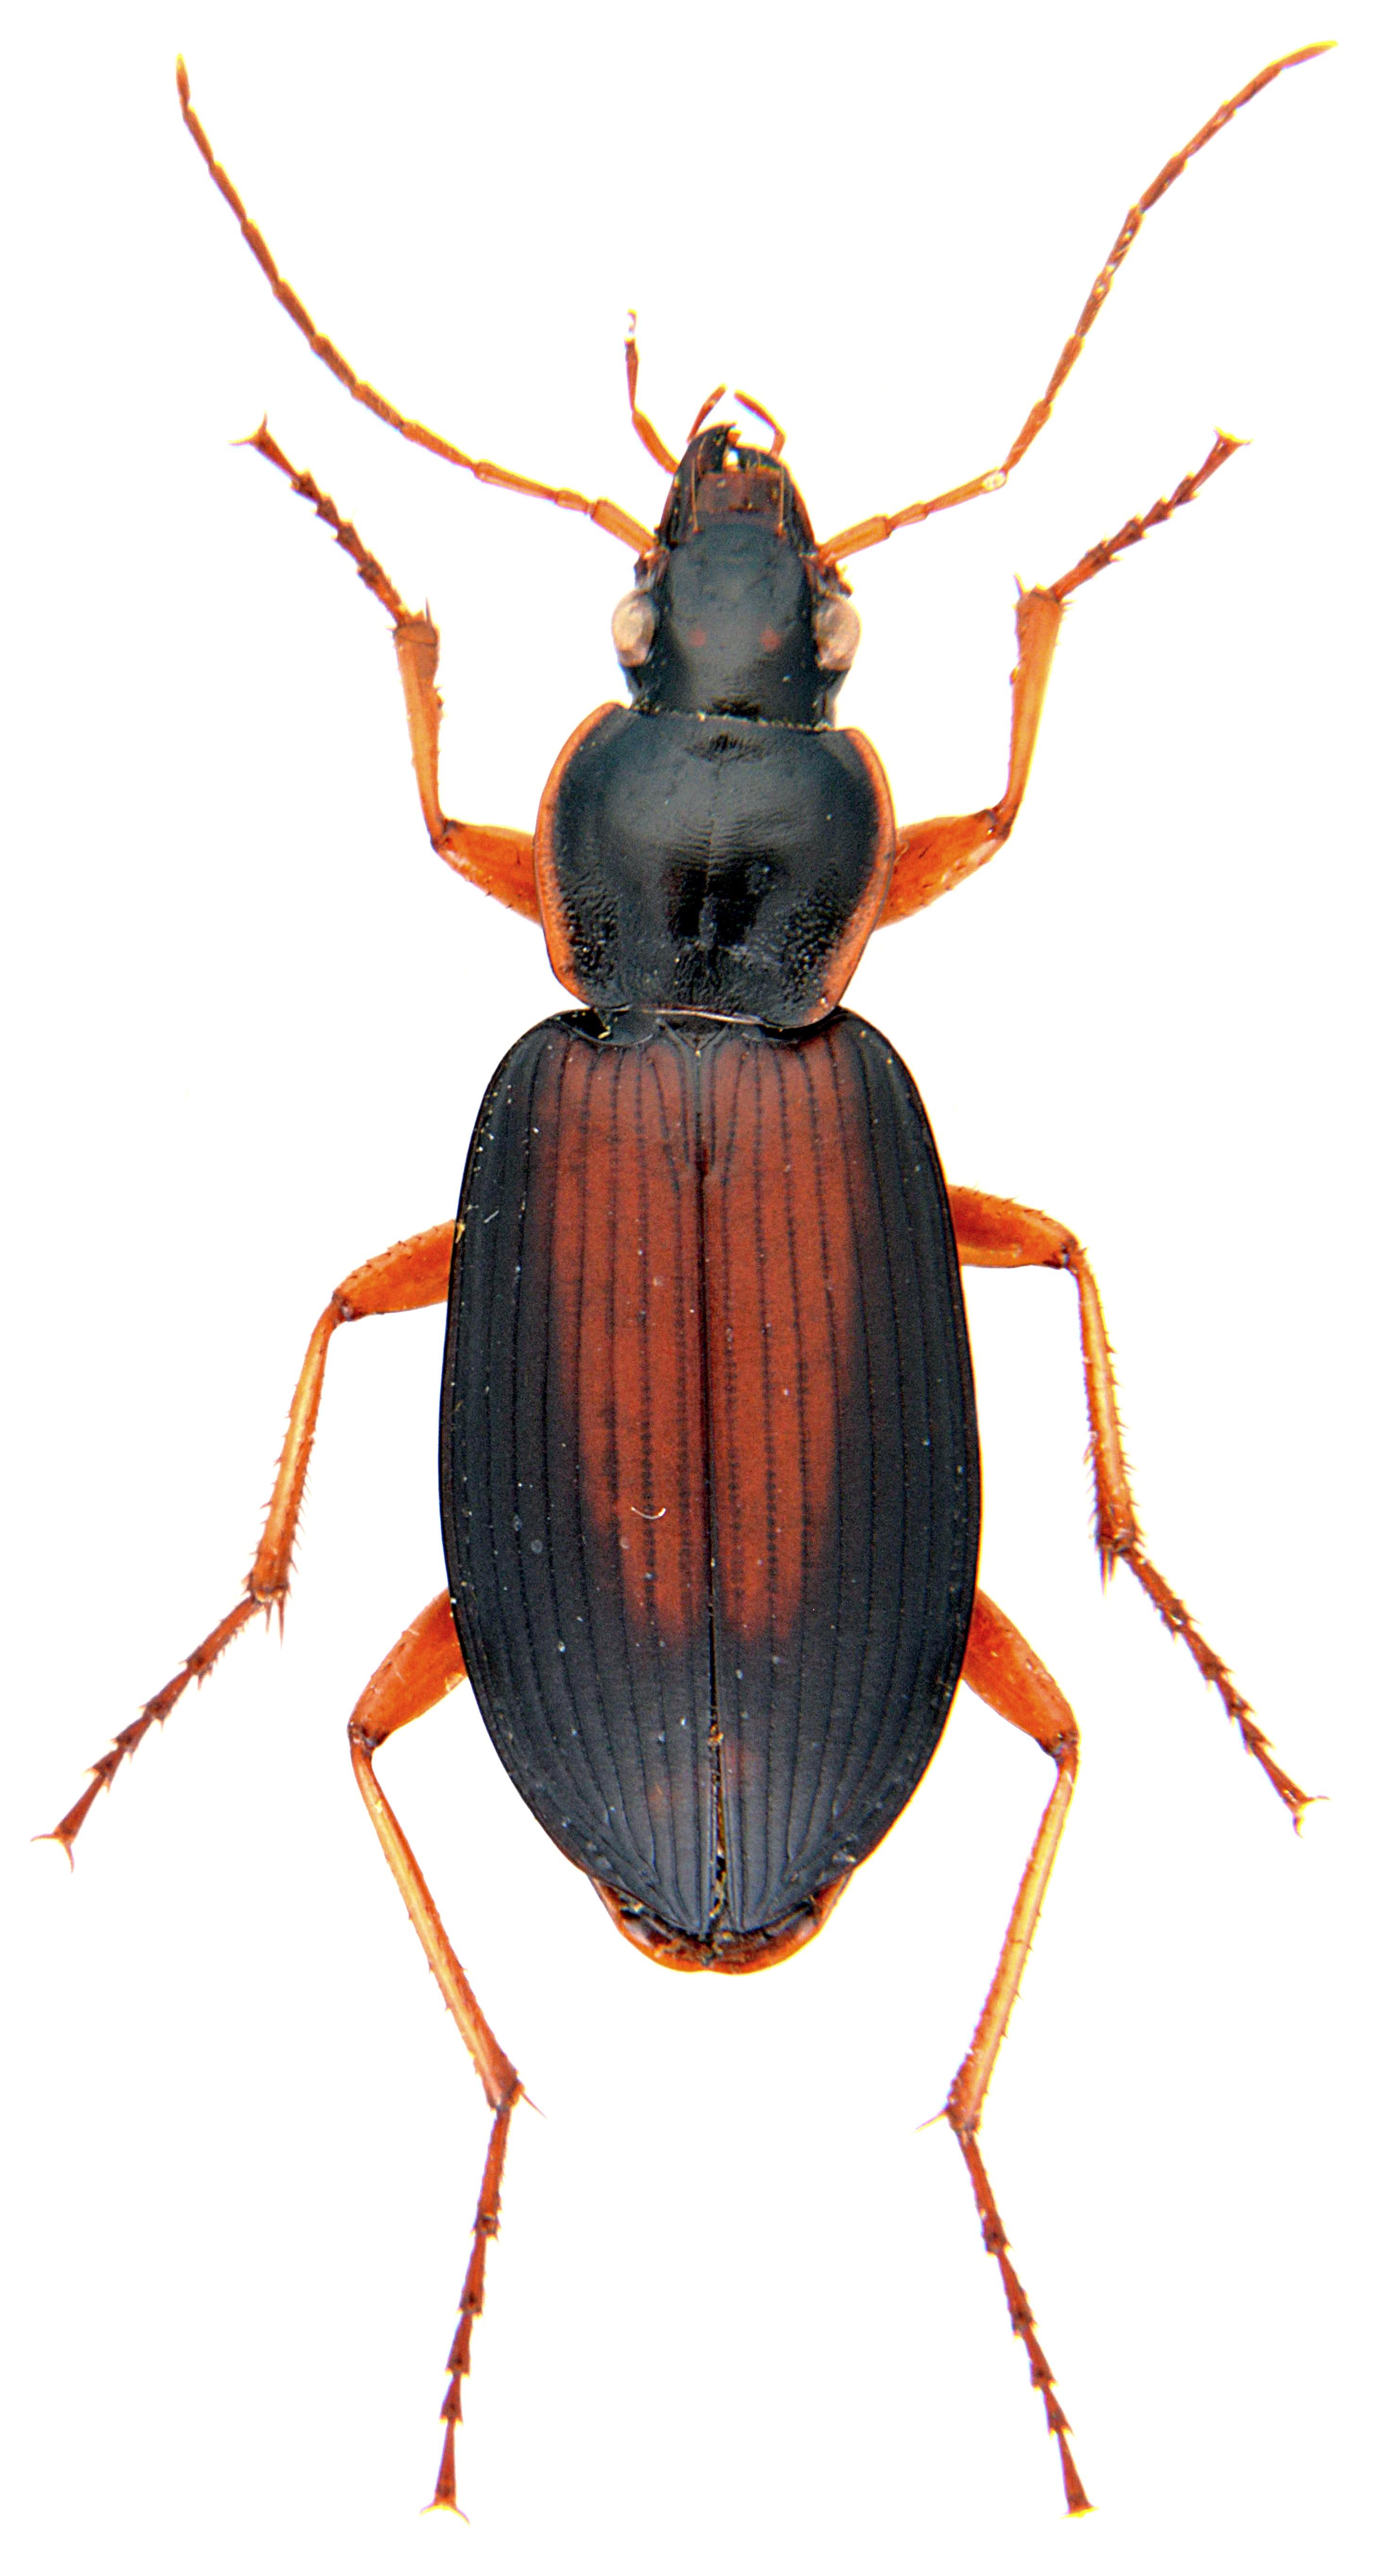 Dolichus halensis